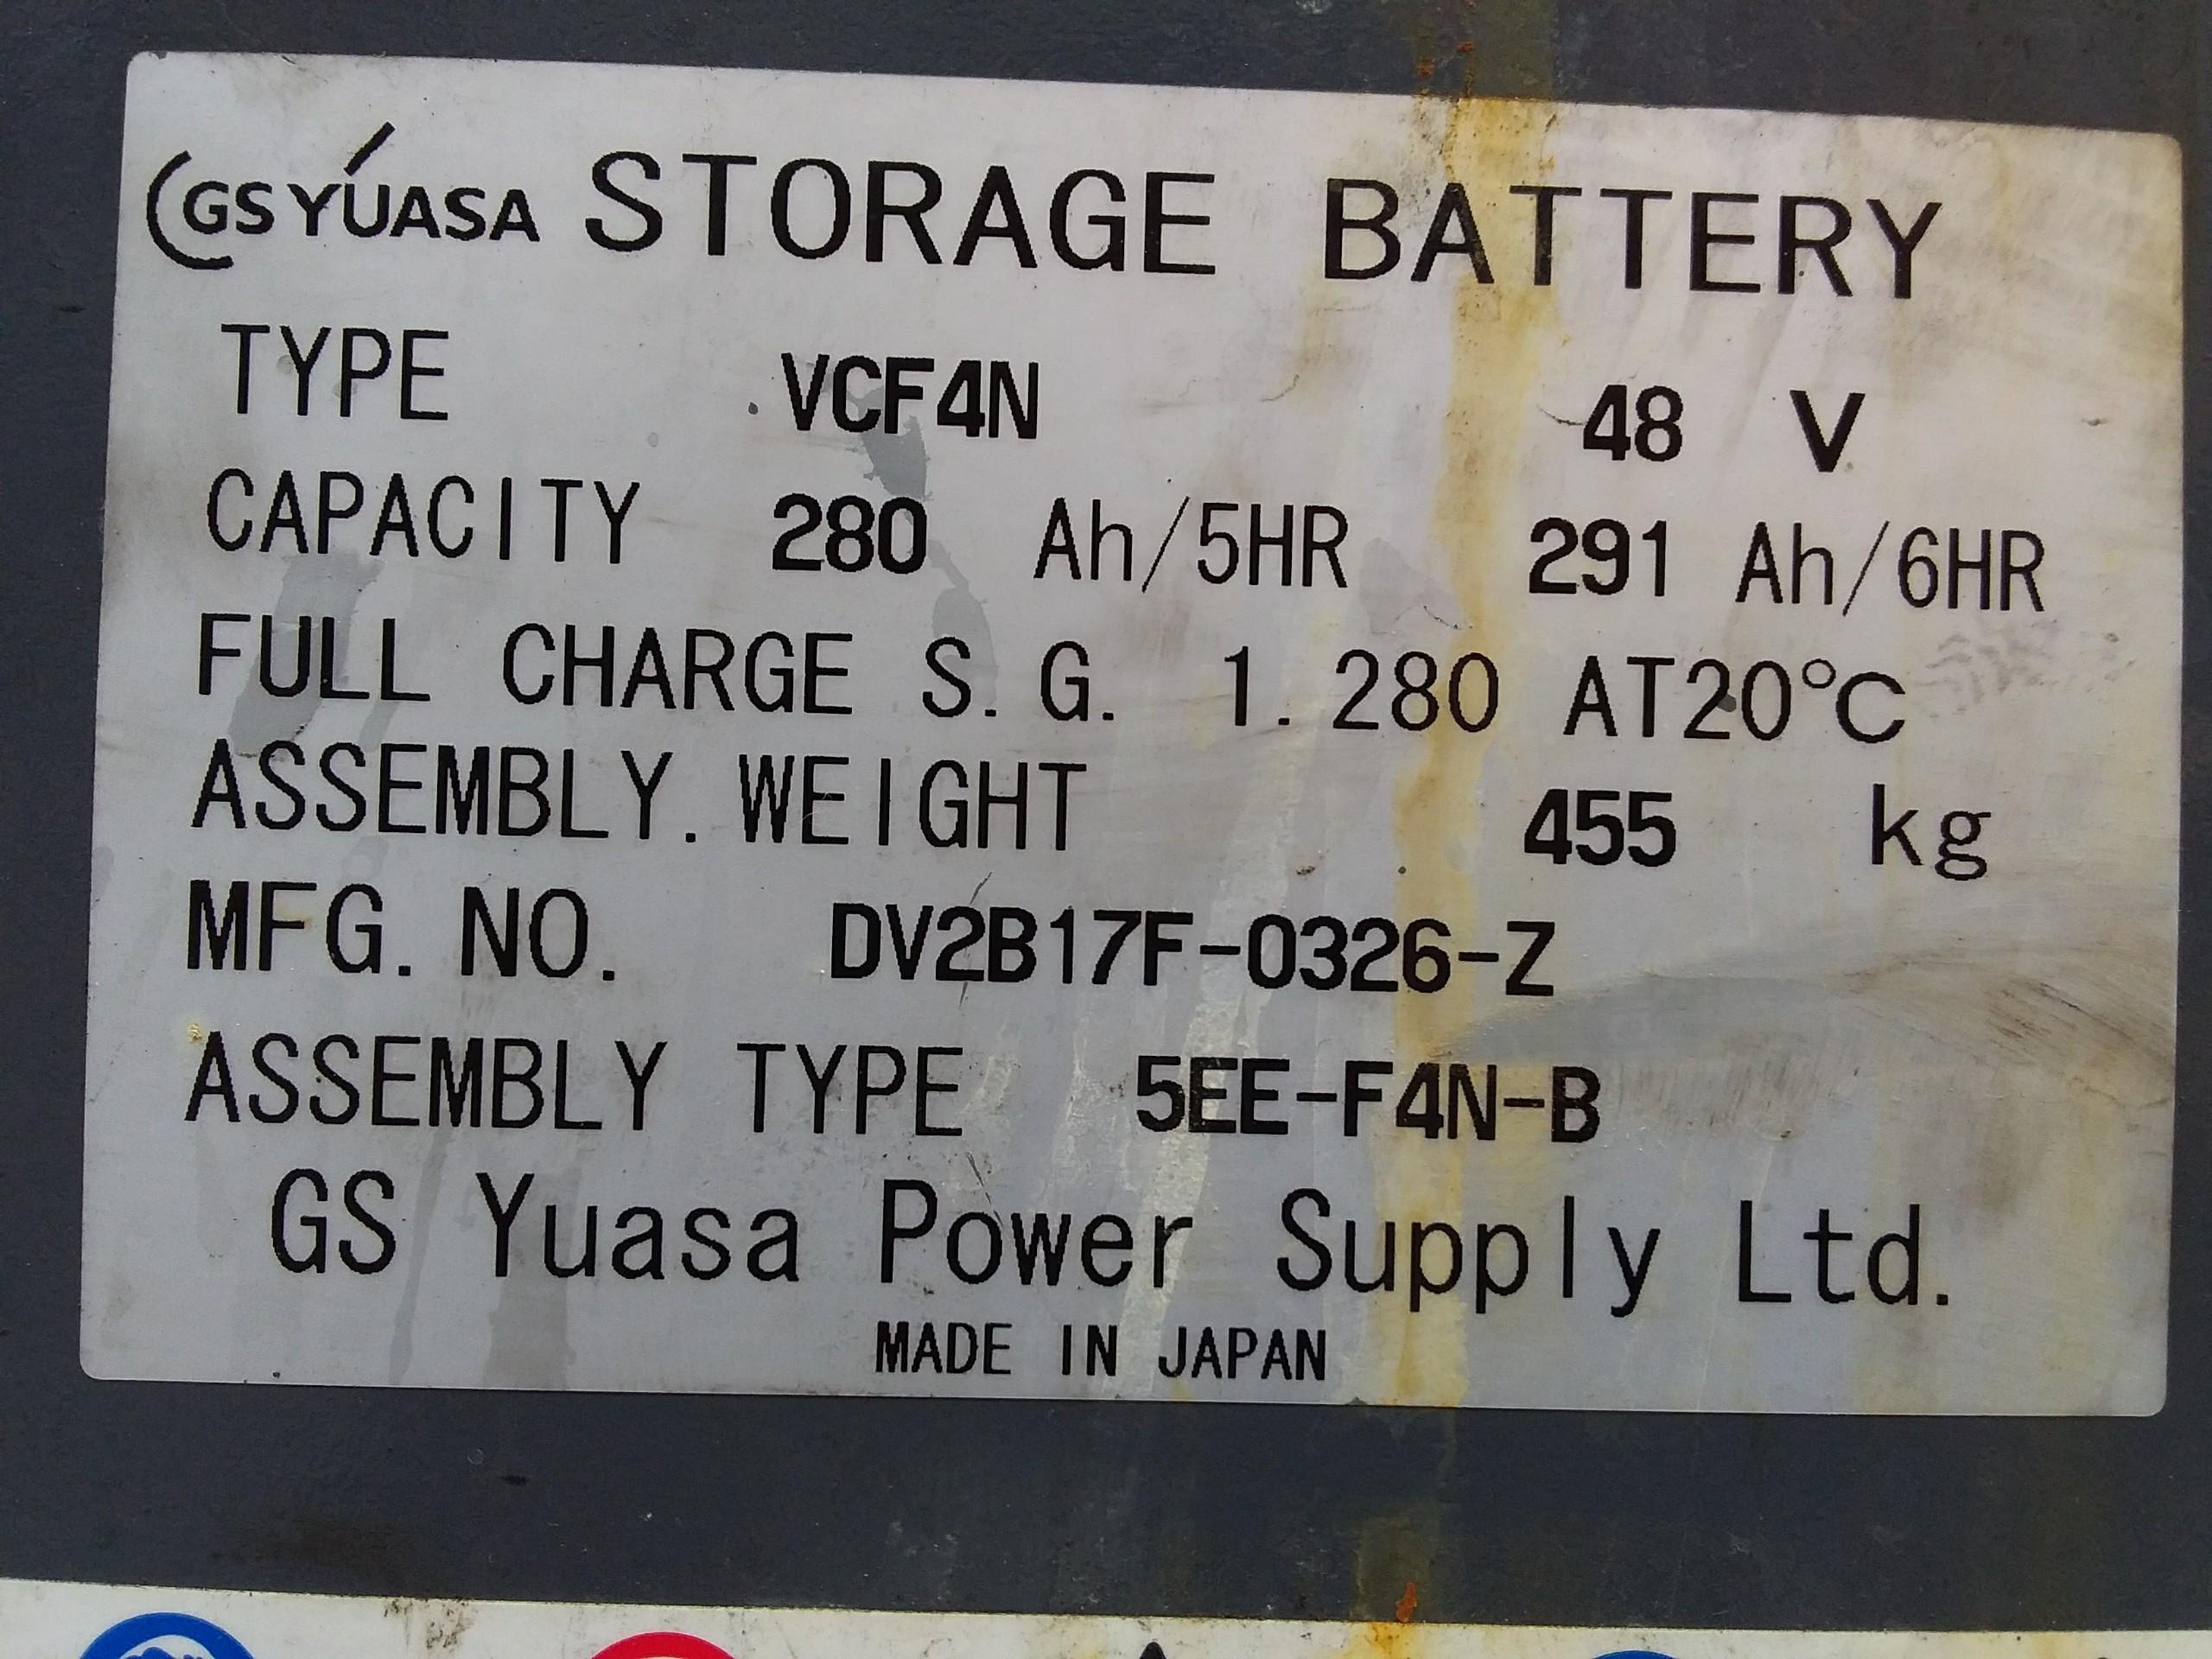 xe nâng điện cũ đứng lái 7FBR15,V4000,2007, Giá rẻ, sẵn hàng.